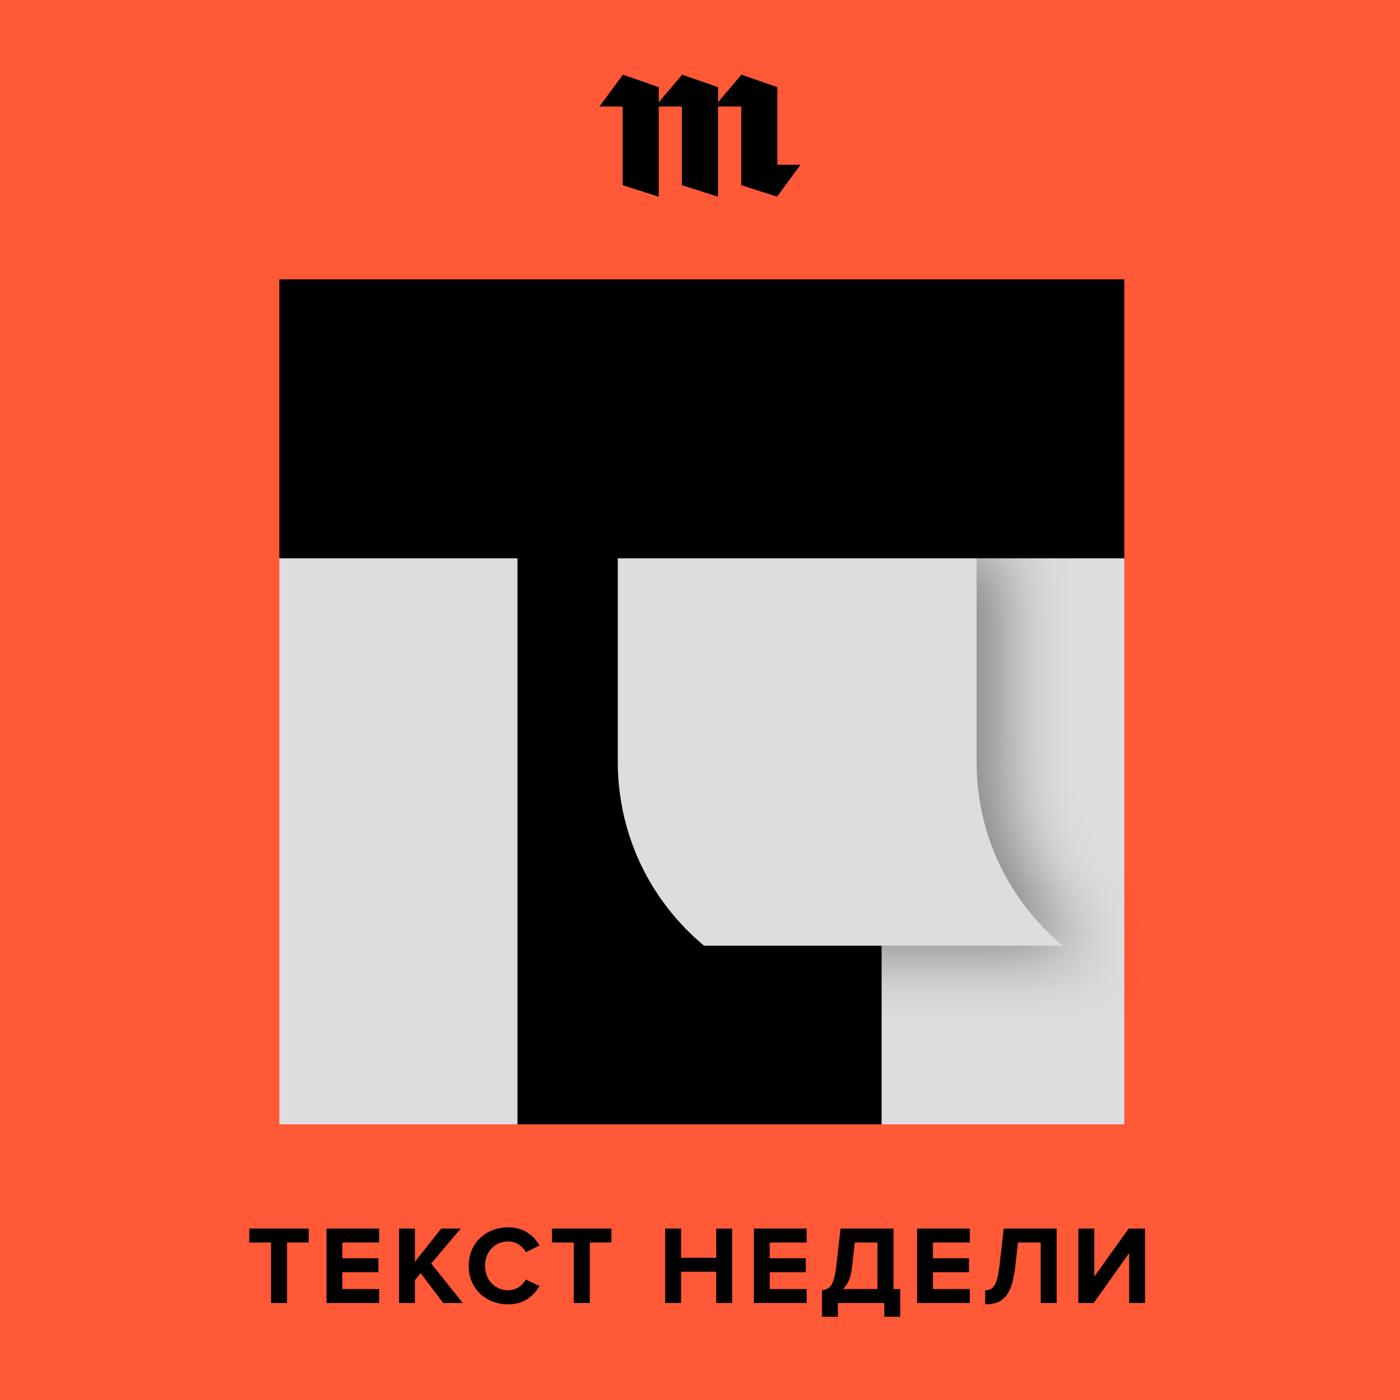 Власть нервничает и не может принимать решения тайком. Как Мосгордума стала самым оппозиционным парламентом в России